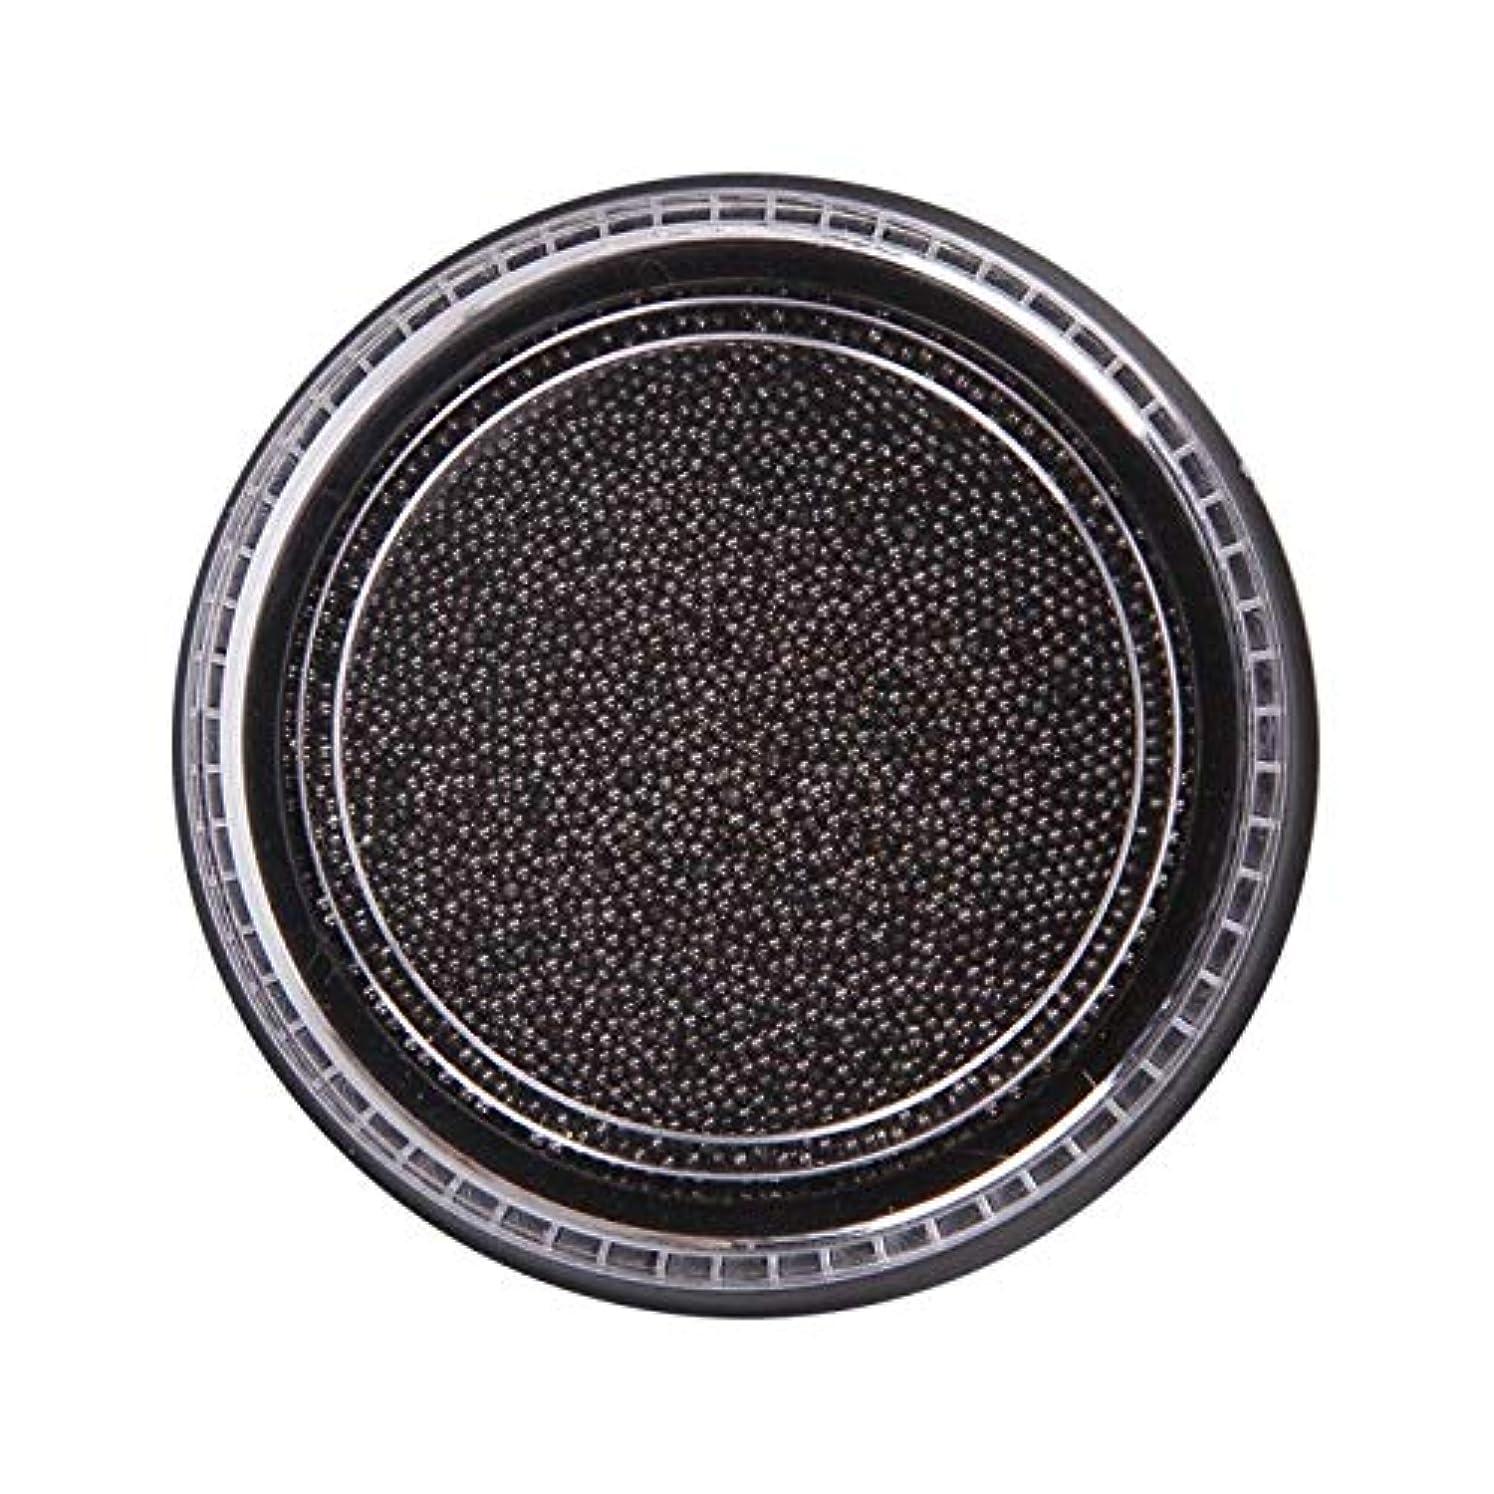 六分儀モール命題Wadachikis 素晴らしいネイル美容化粧ステンレス鋼ビーズアートアートシルバーローズゴールドキャビアDIYネイルビーズ装飾(None Black Boxes-Black)